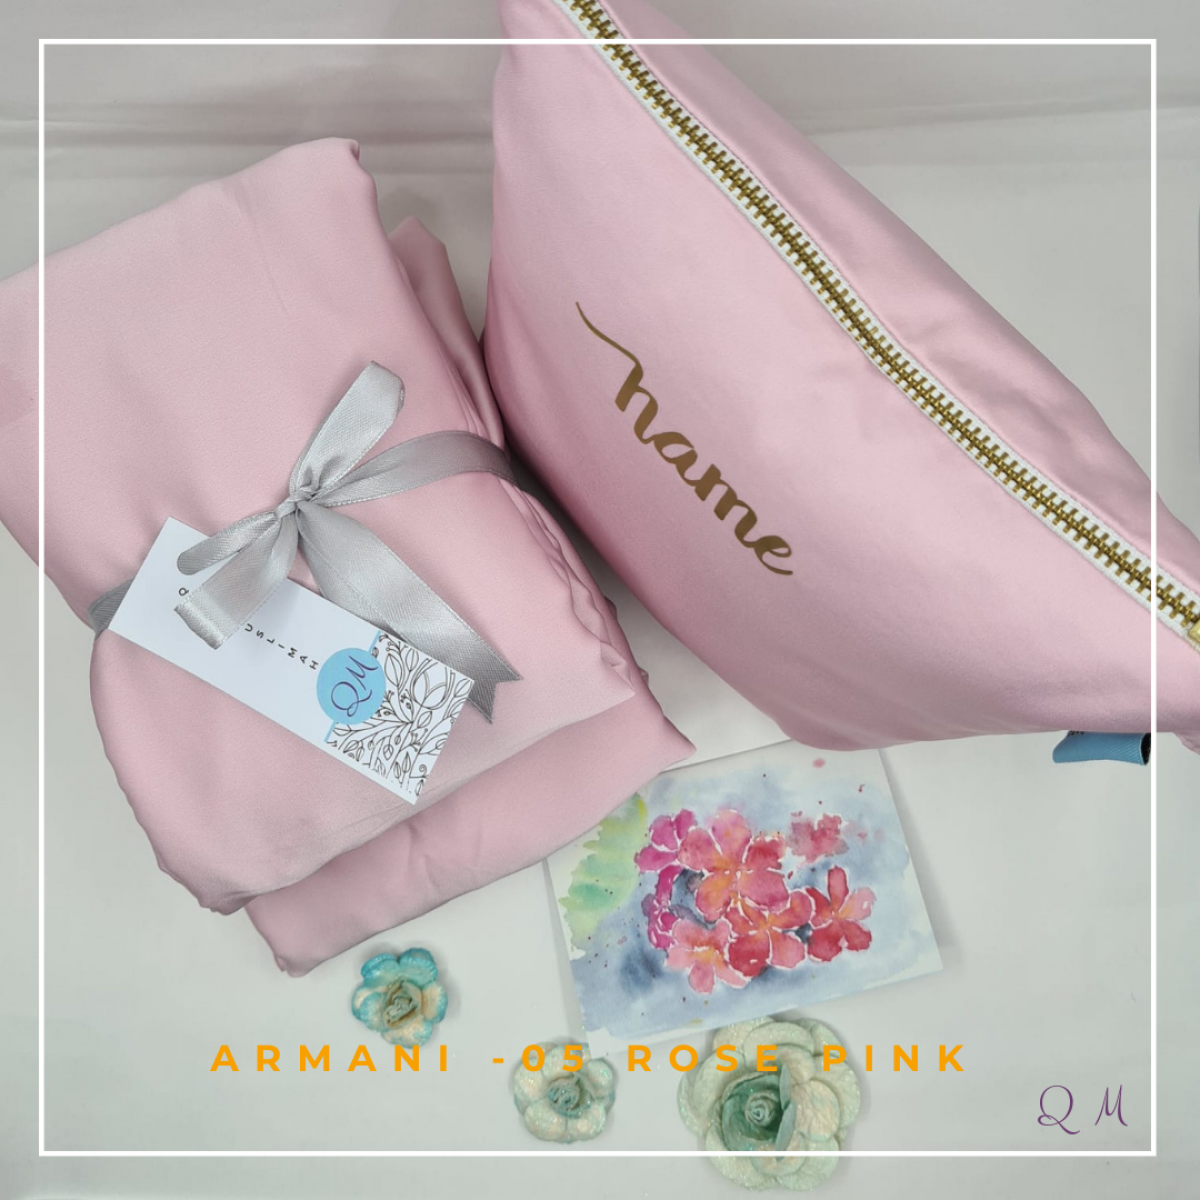 Telekung/Mukena Armani Silk - Rose Pink - Qool Muslimah